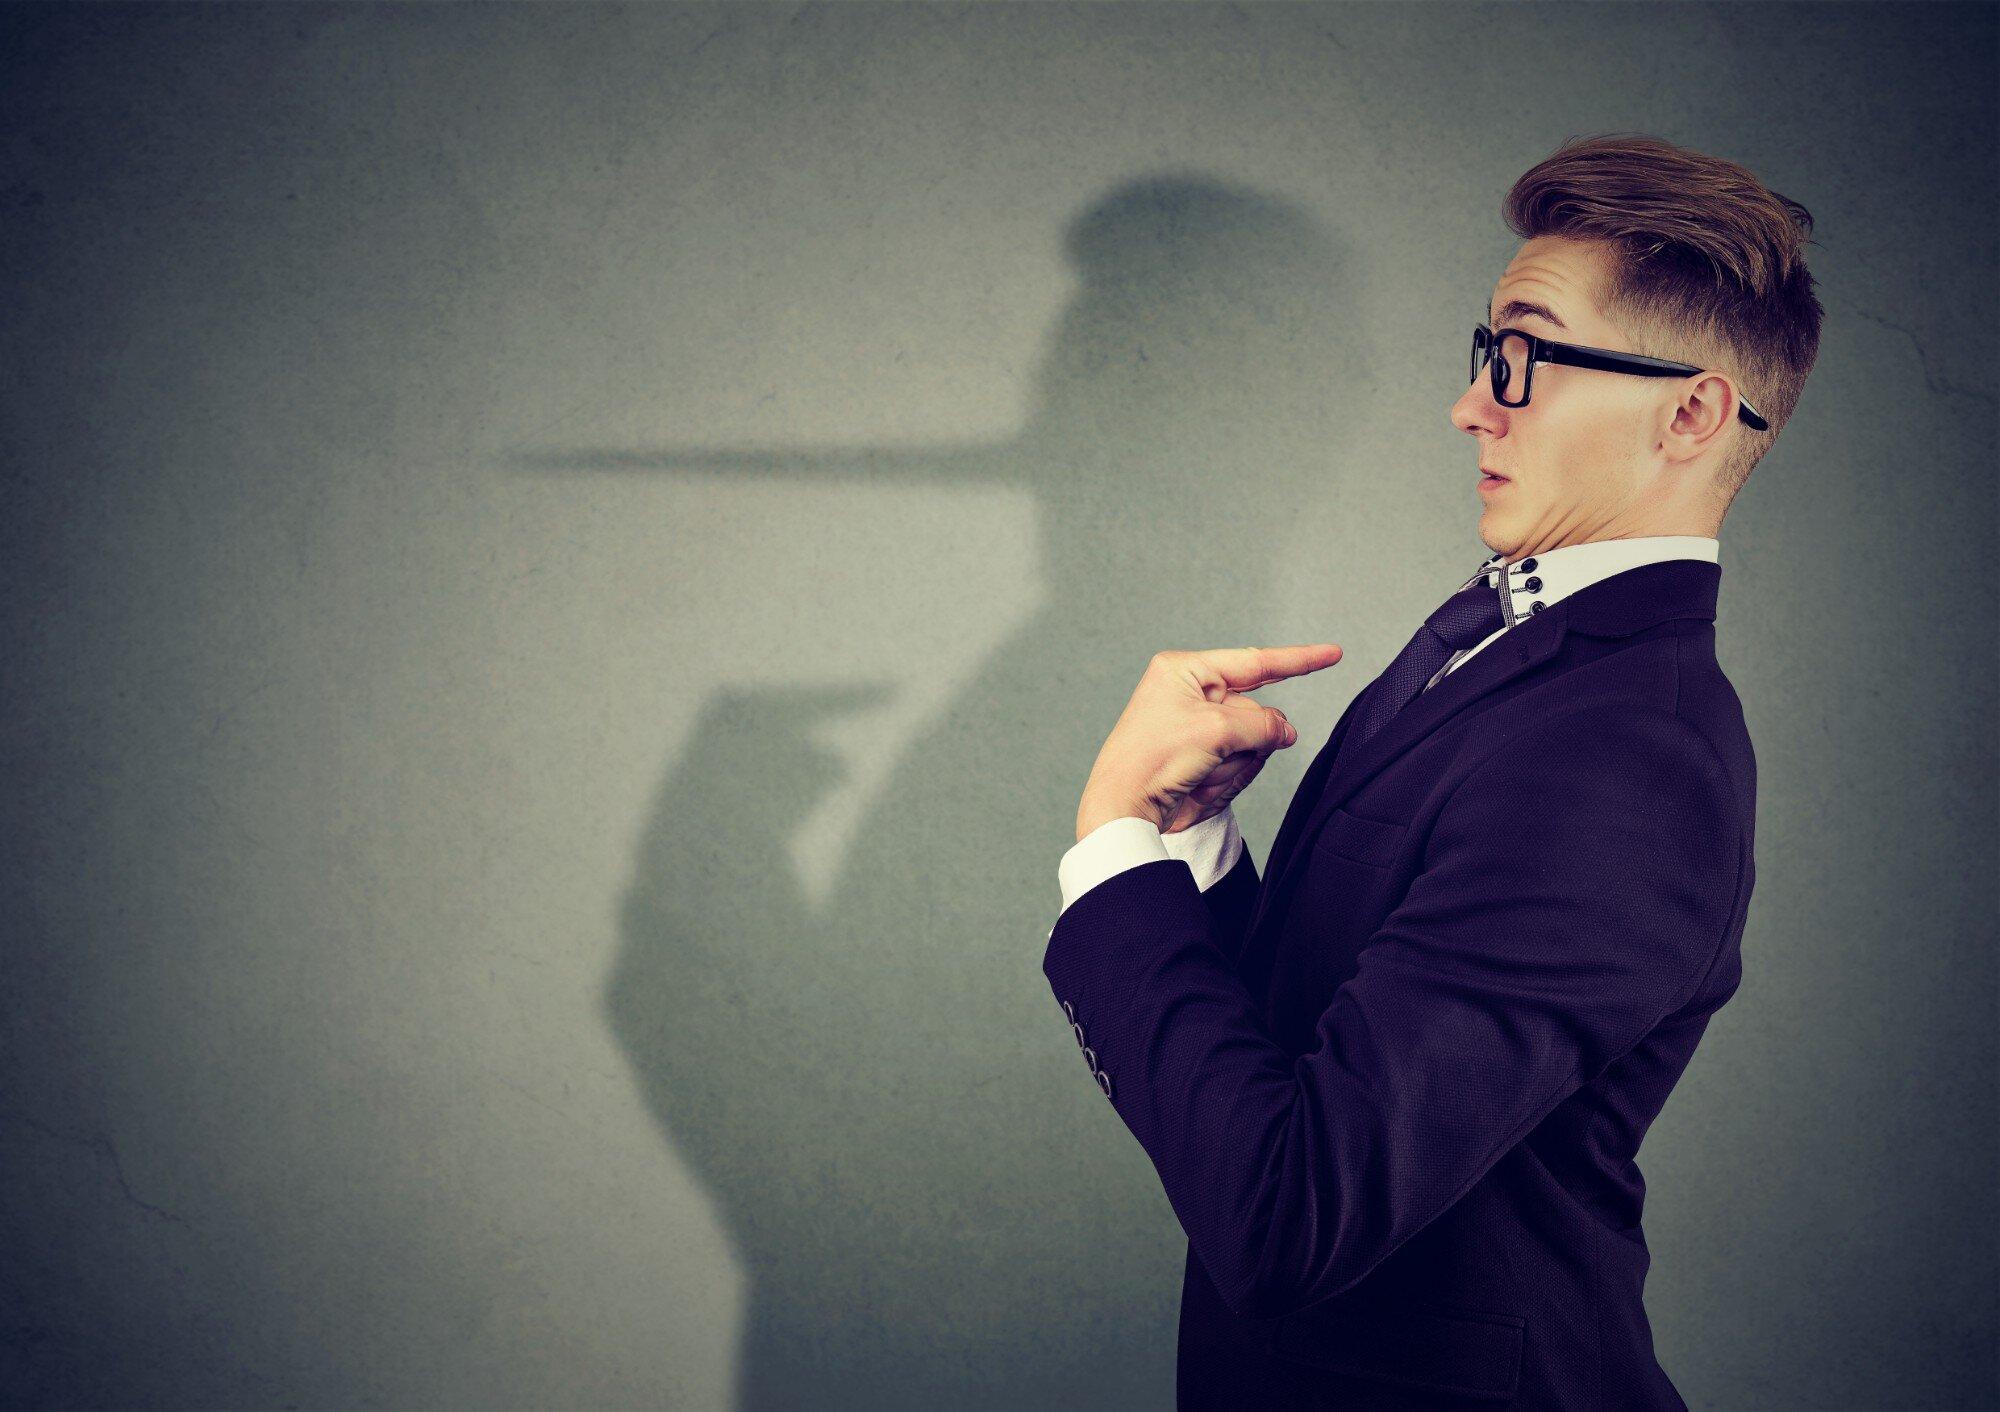 job interview lies